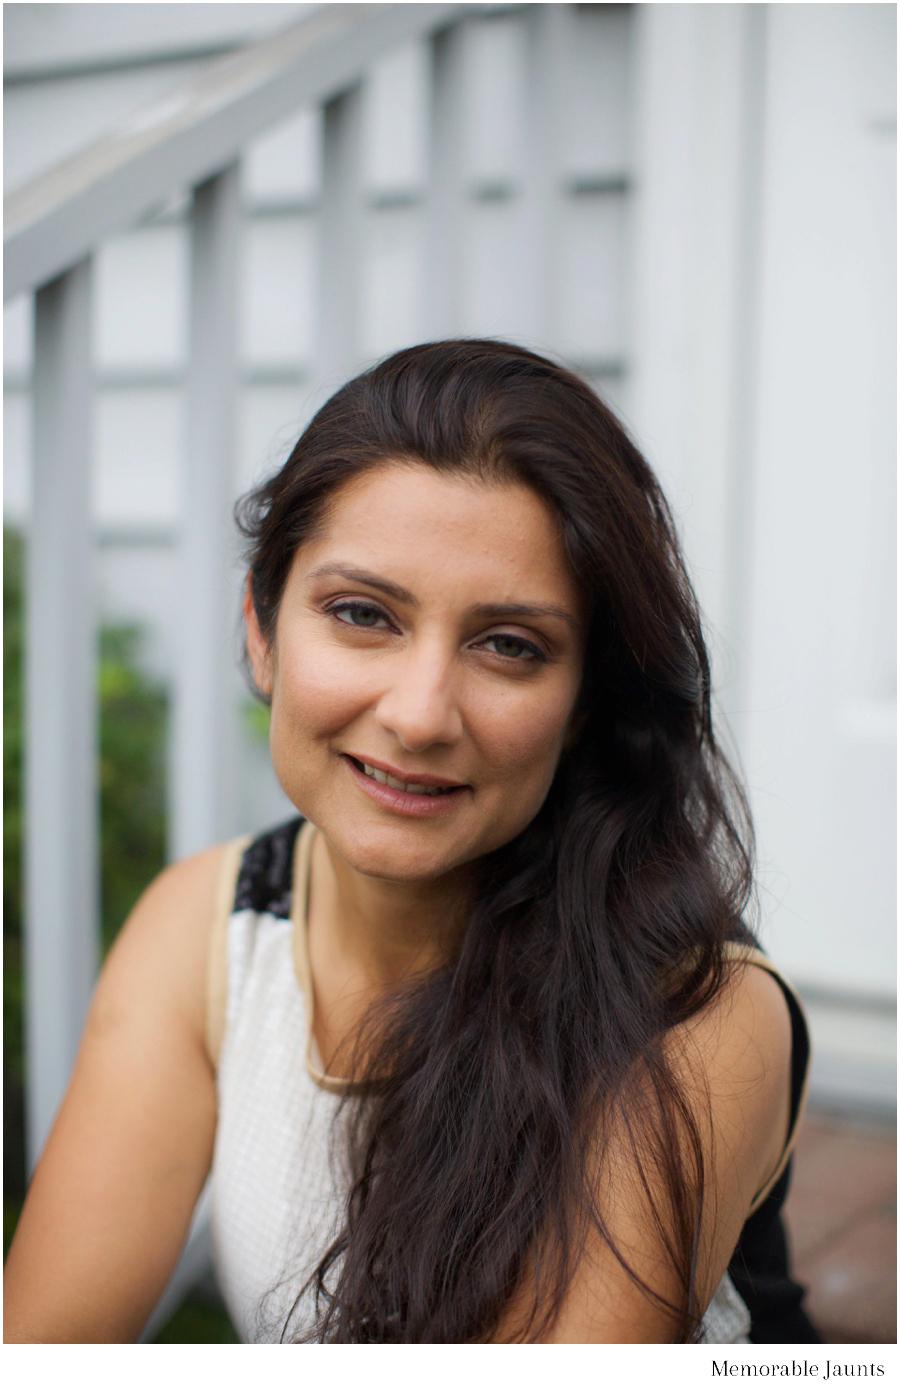 Memorable Jaunts Karthika Gupta - Why do you need Lifestyle Professional Headshots Article Photo 03